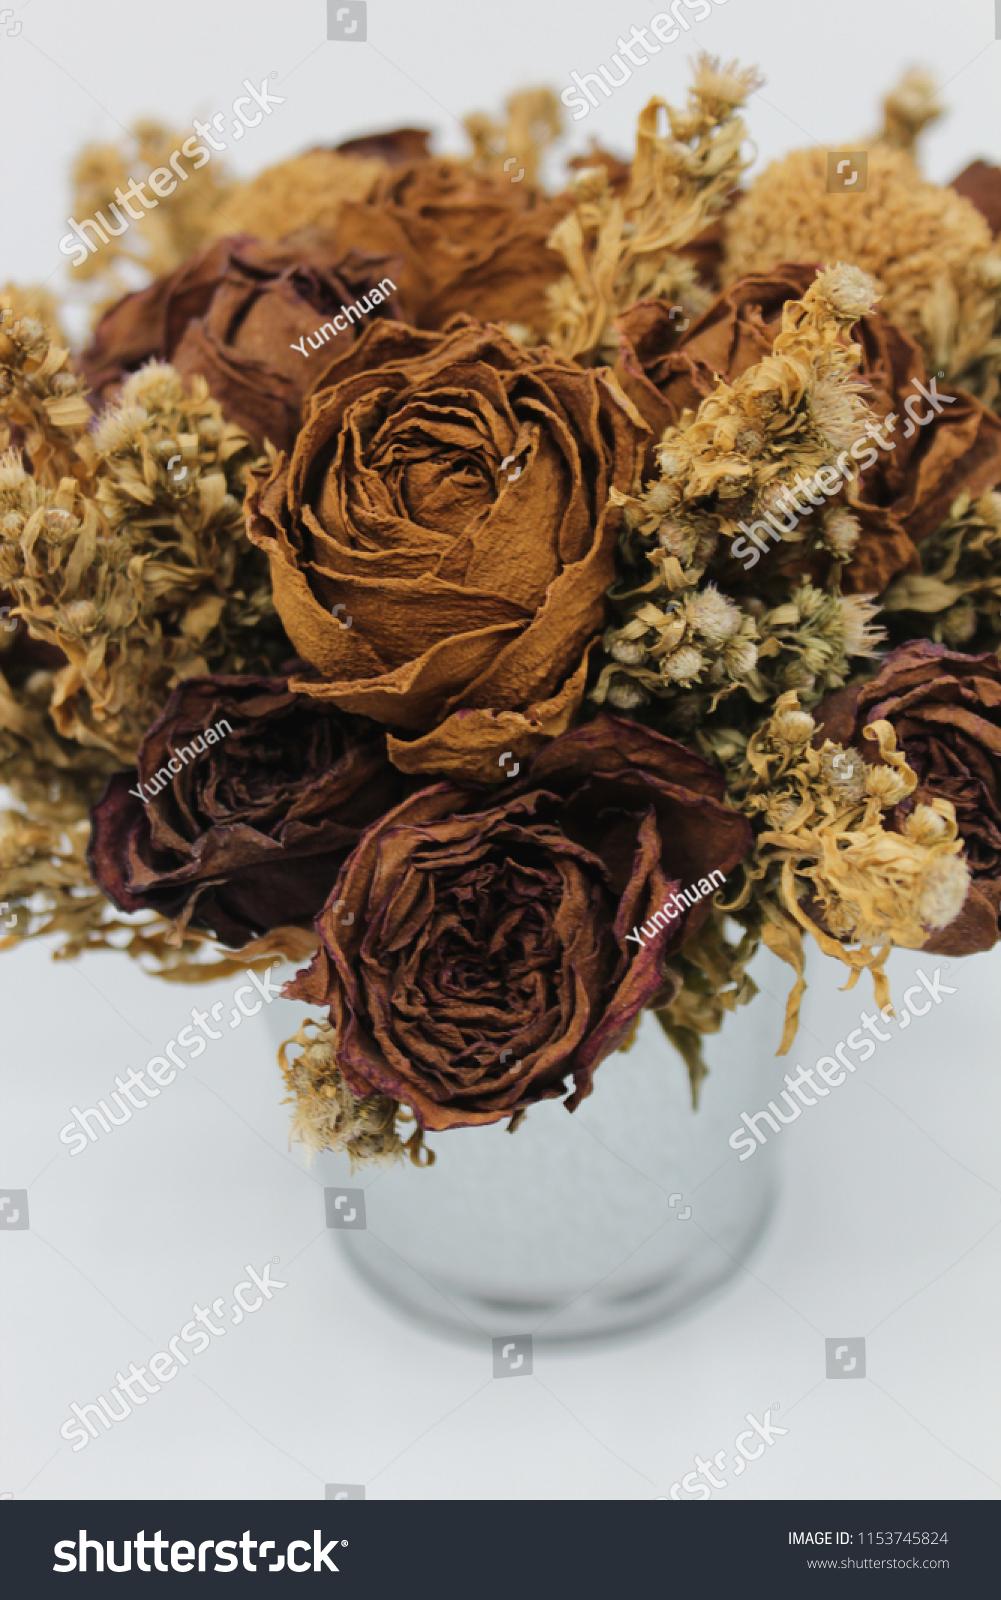 Close Shot Dried Flower Arrangement Vase Stock Photo Edit Now 1153745824